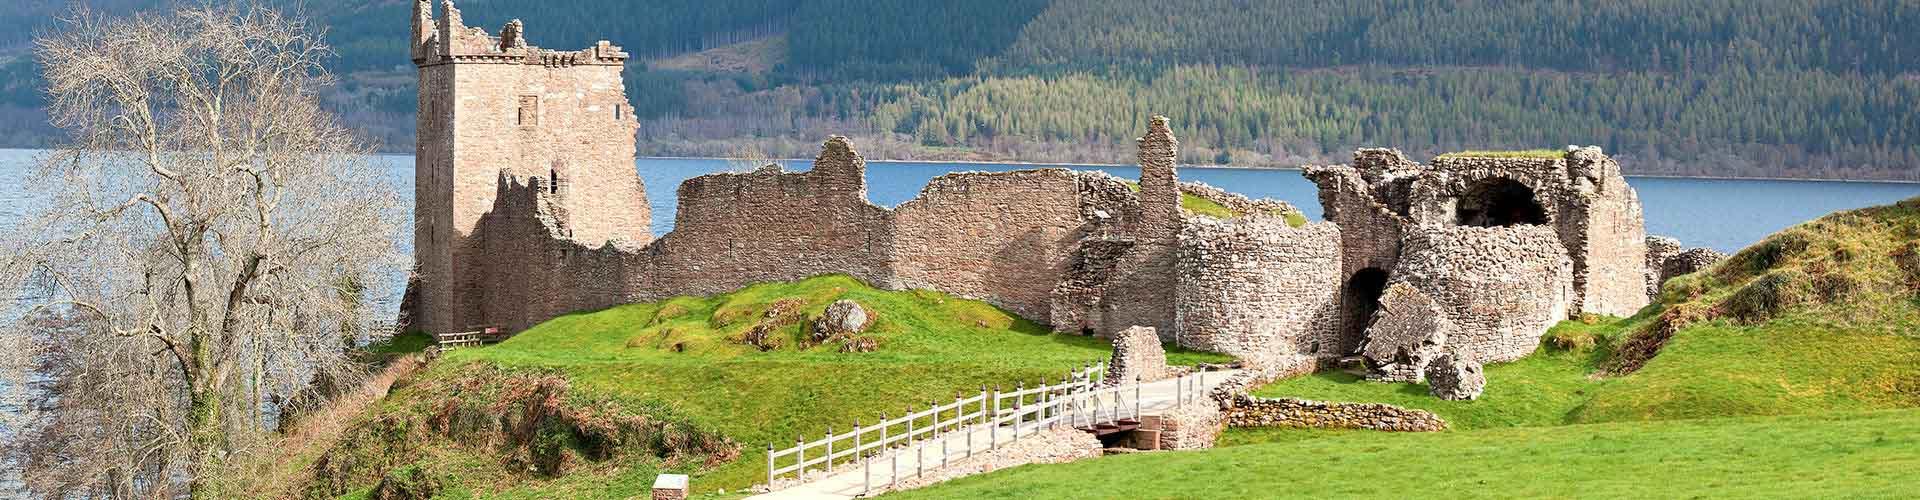 Loch Ness - Camping à Loch Ness. Cartes pour Loch Ness, photos et commentaires pour chaque Camping à Loch Ness.